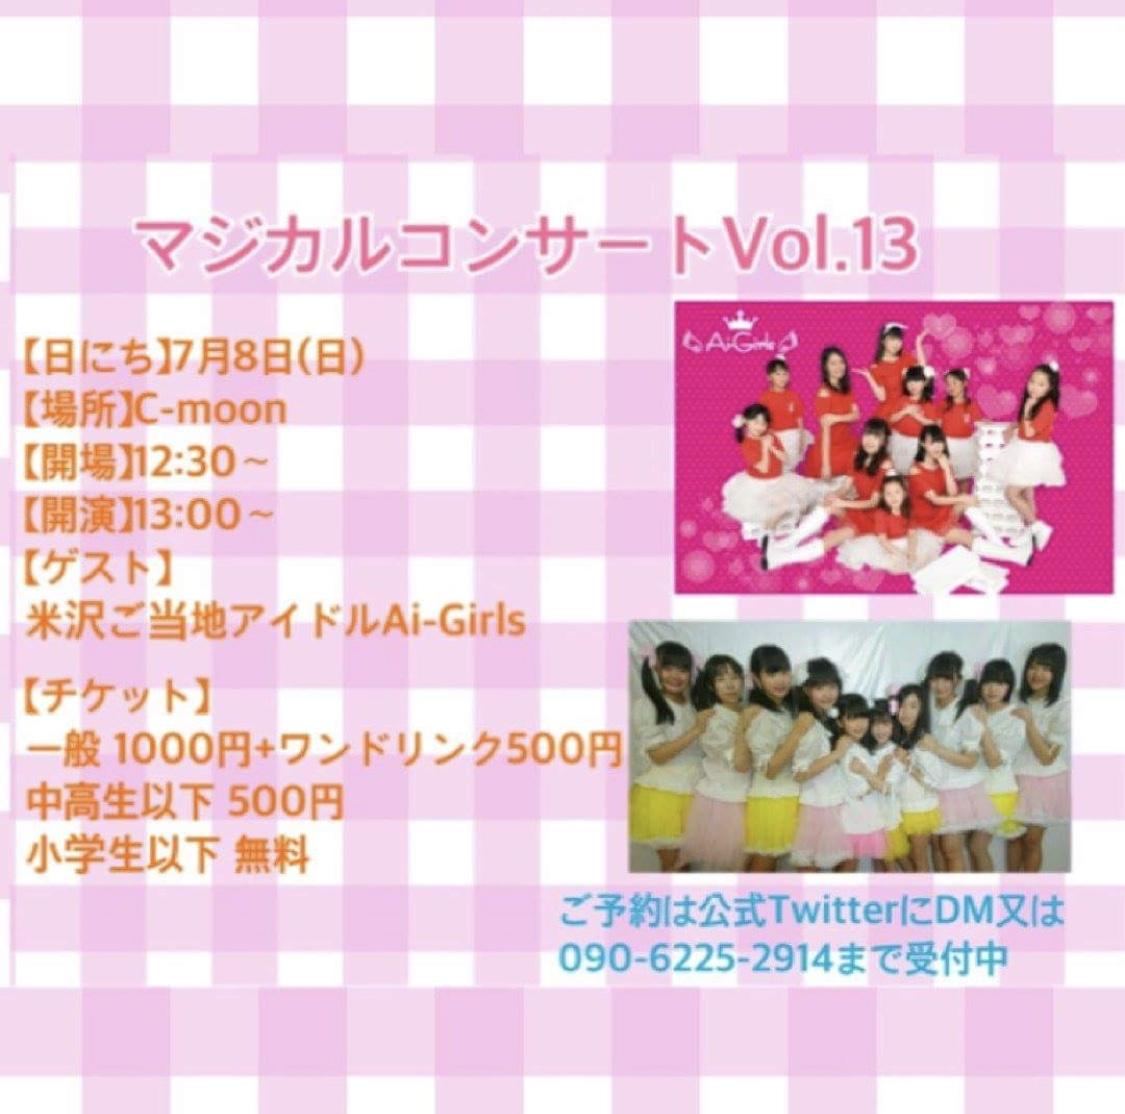 マジカルコンサートVol.13